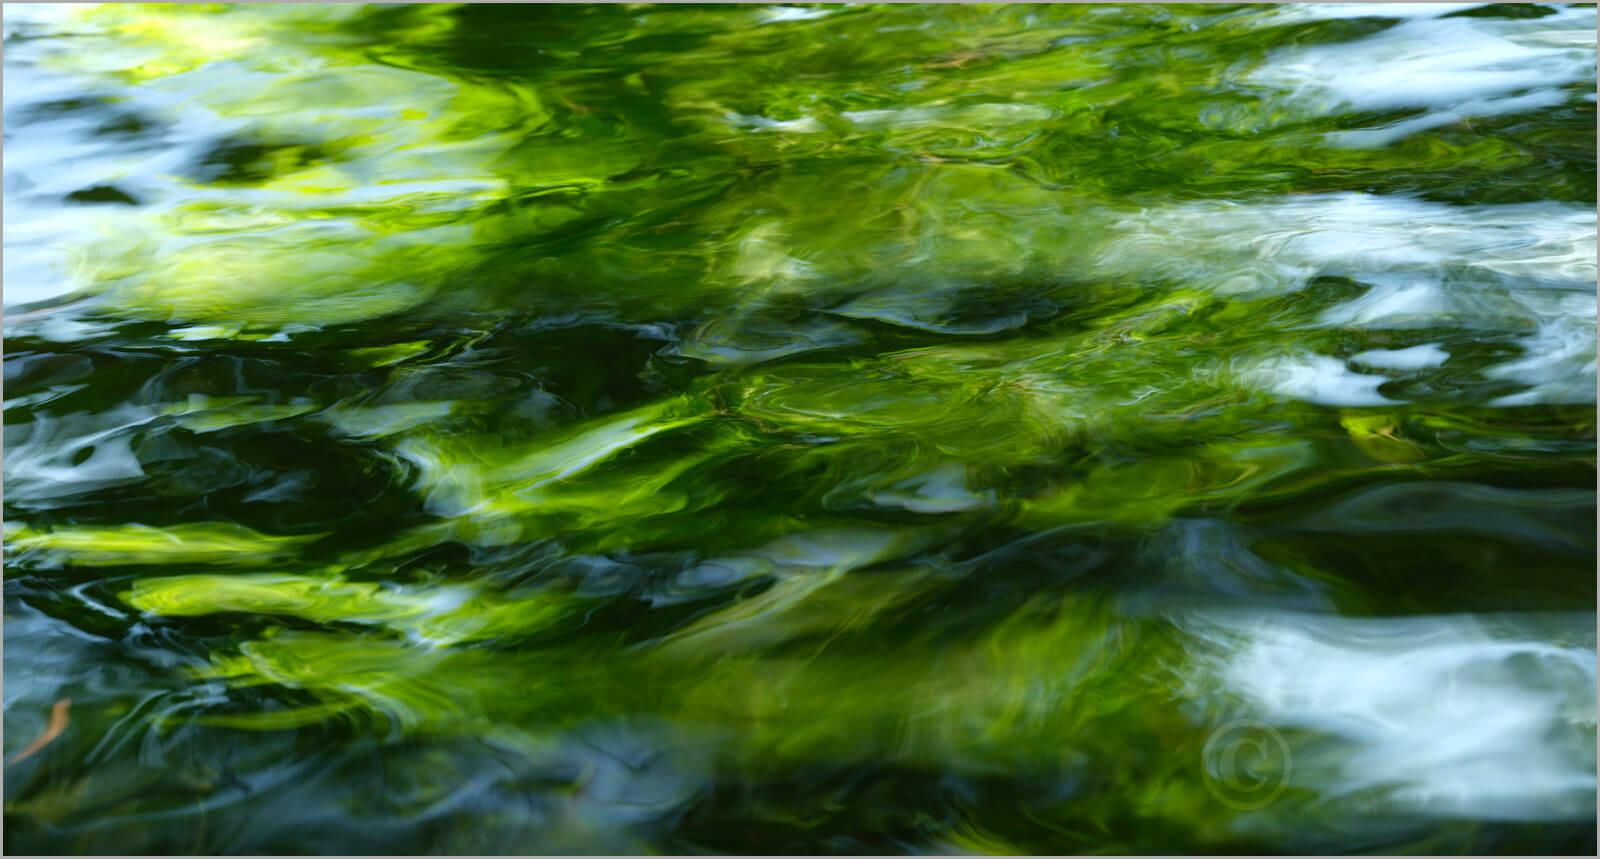 Water_F0906_XL